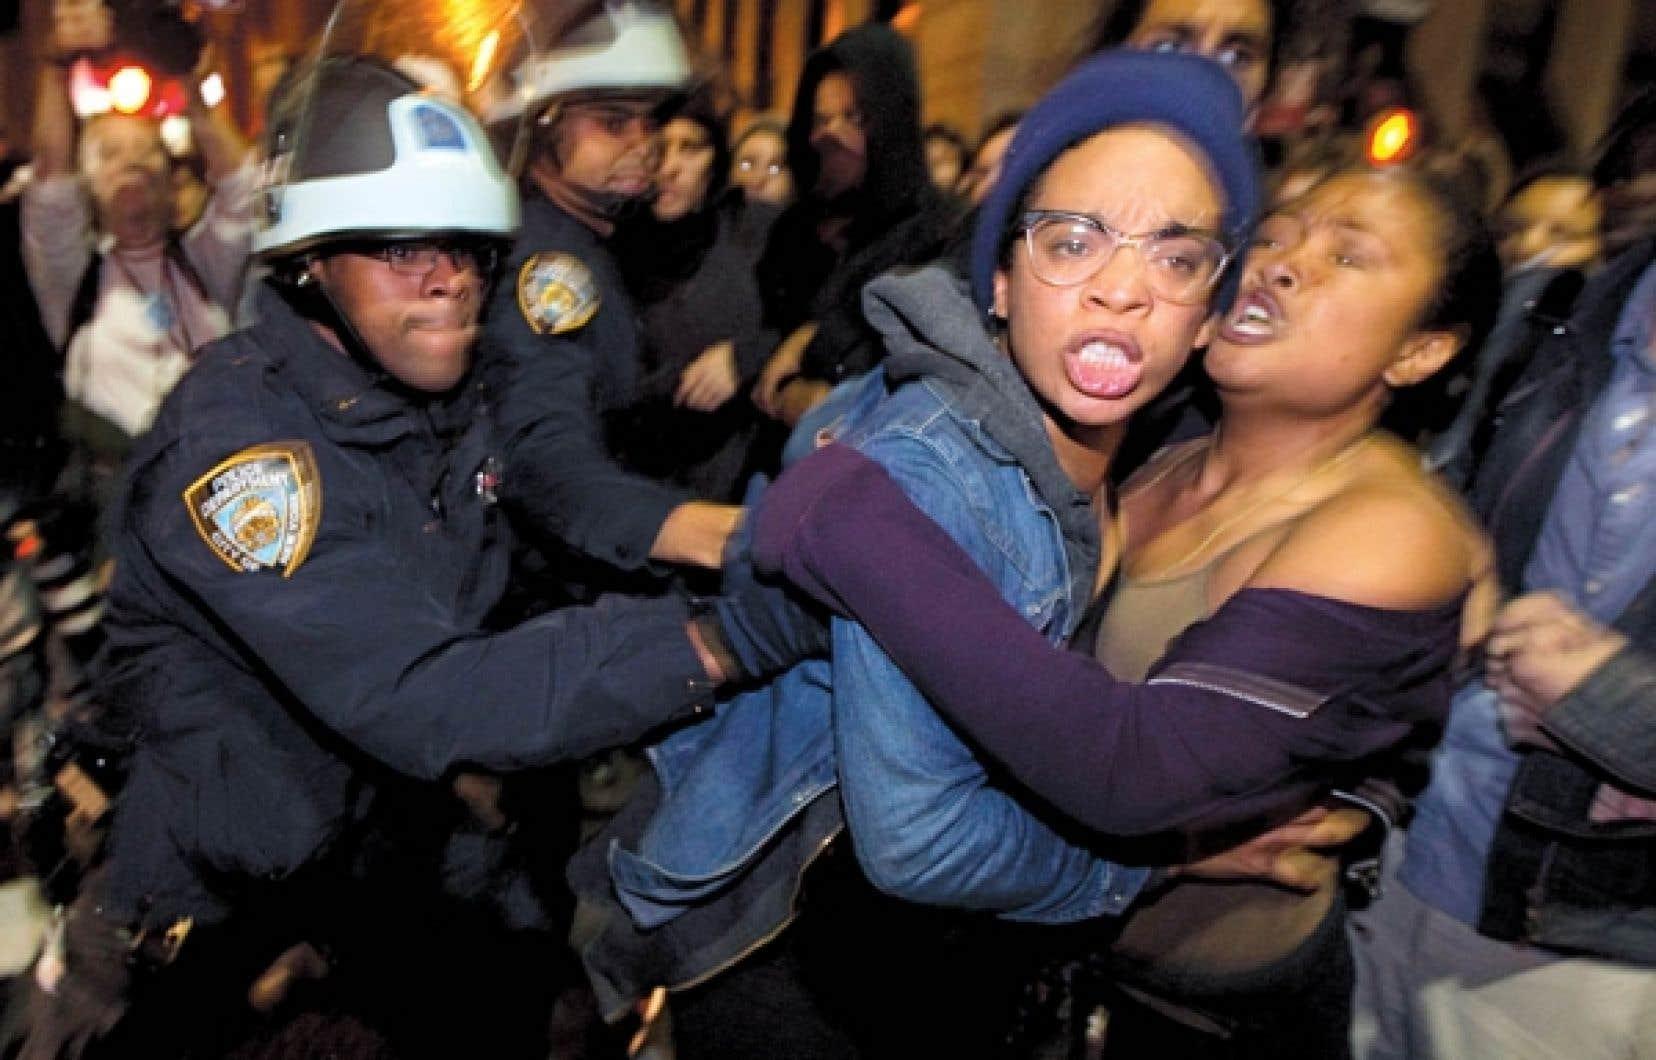 Des policiers new-yorkais bousculent des membres d'Occupy Wall Street, au cours du raid-surprise qui s'est déroulé hier, au beau milieu de la nuit.<br />